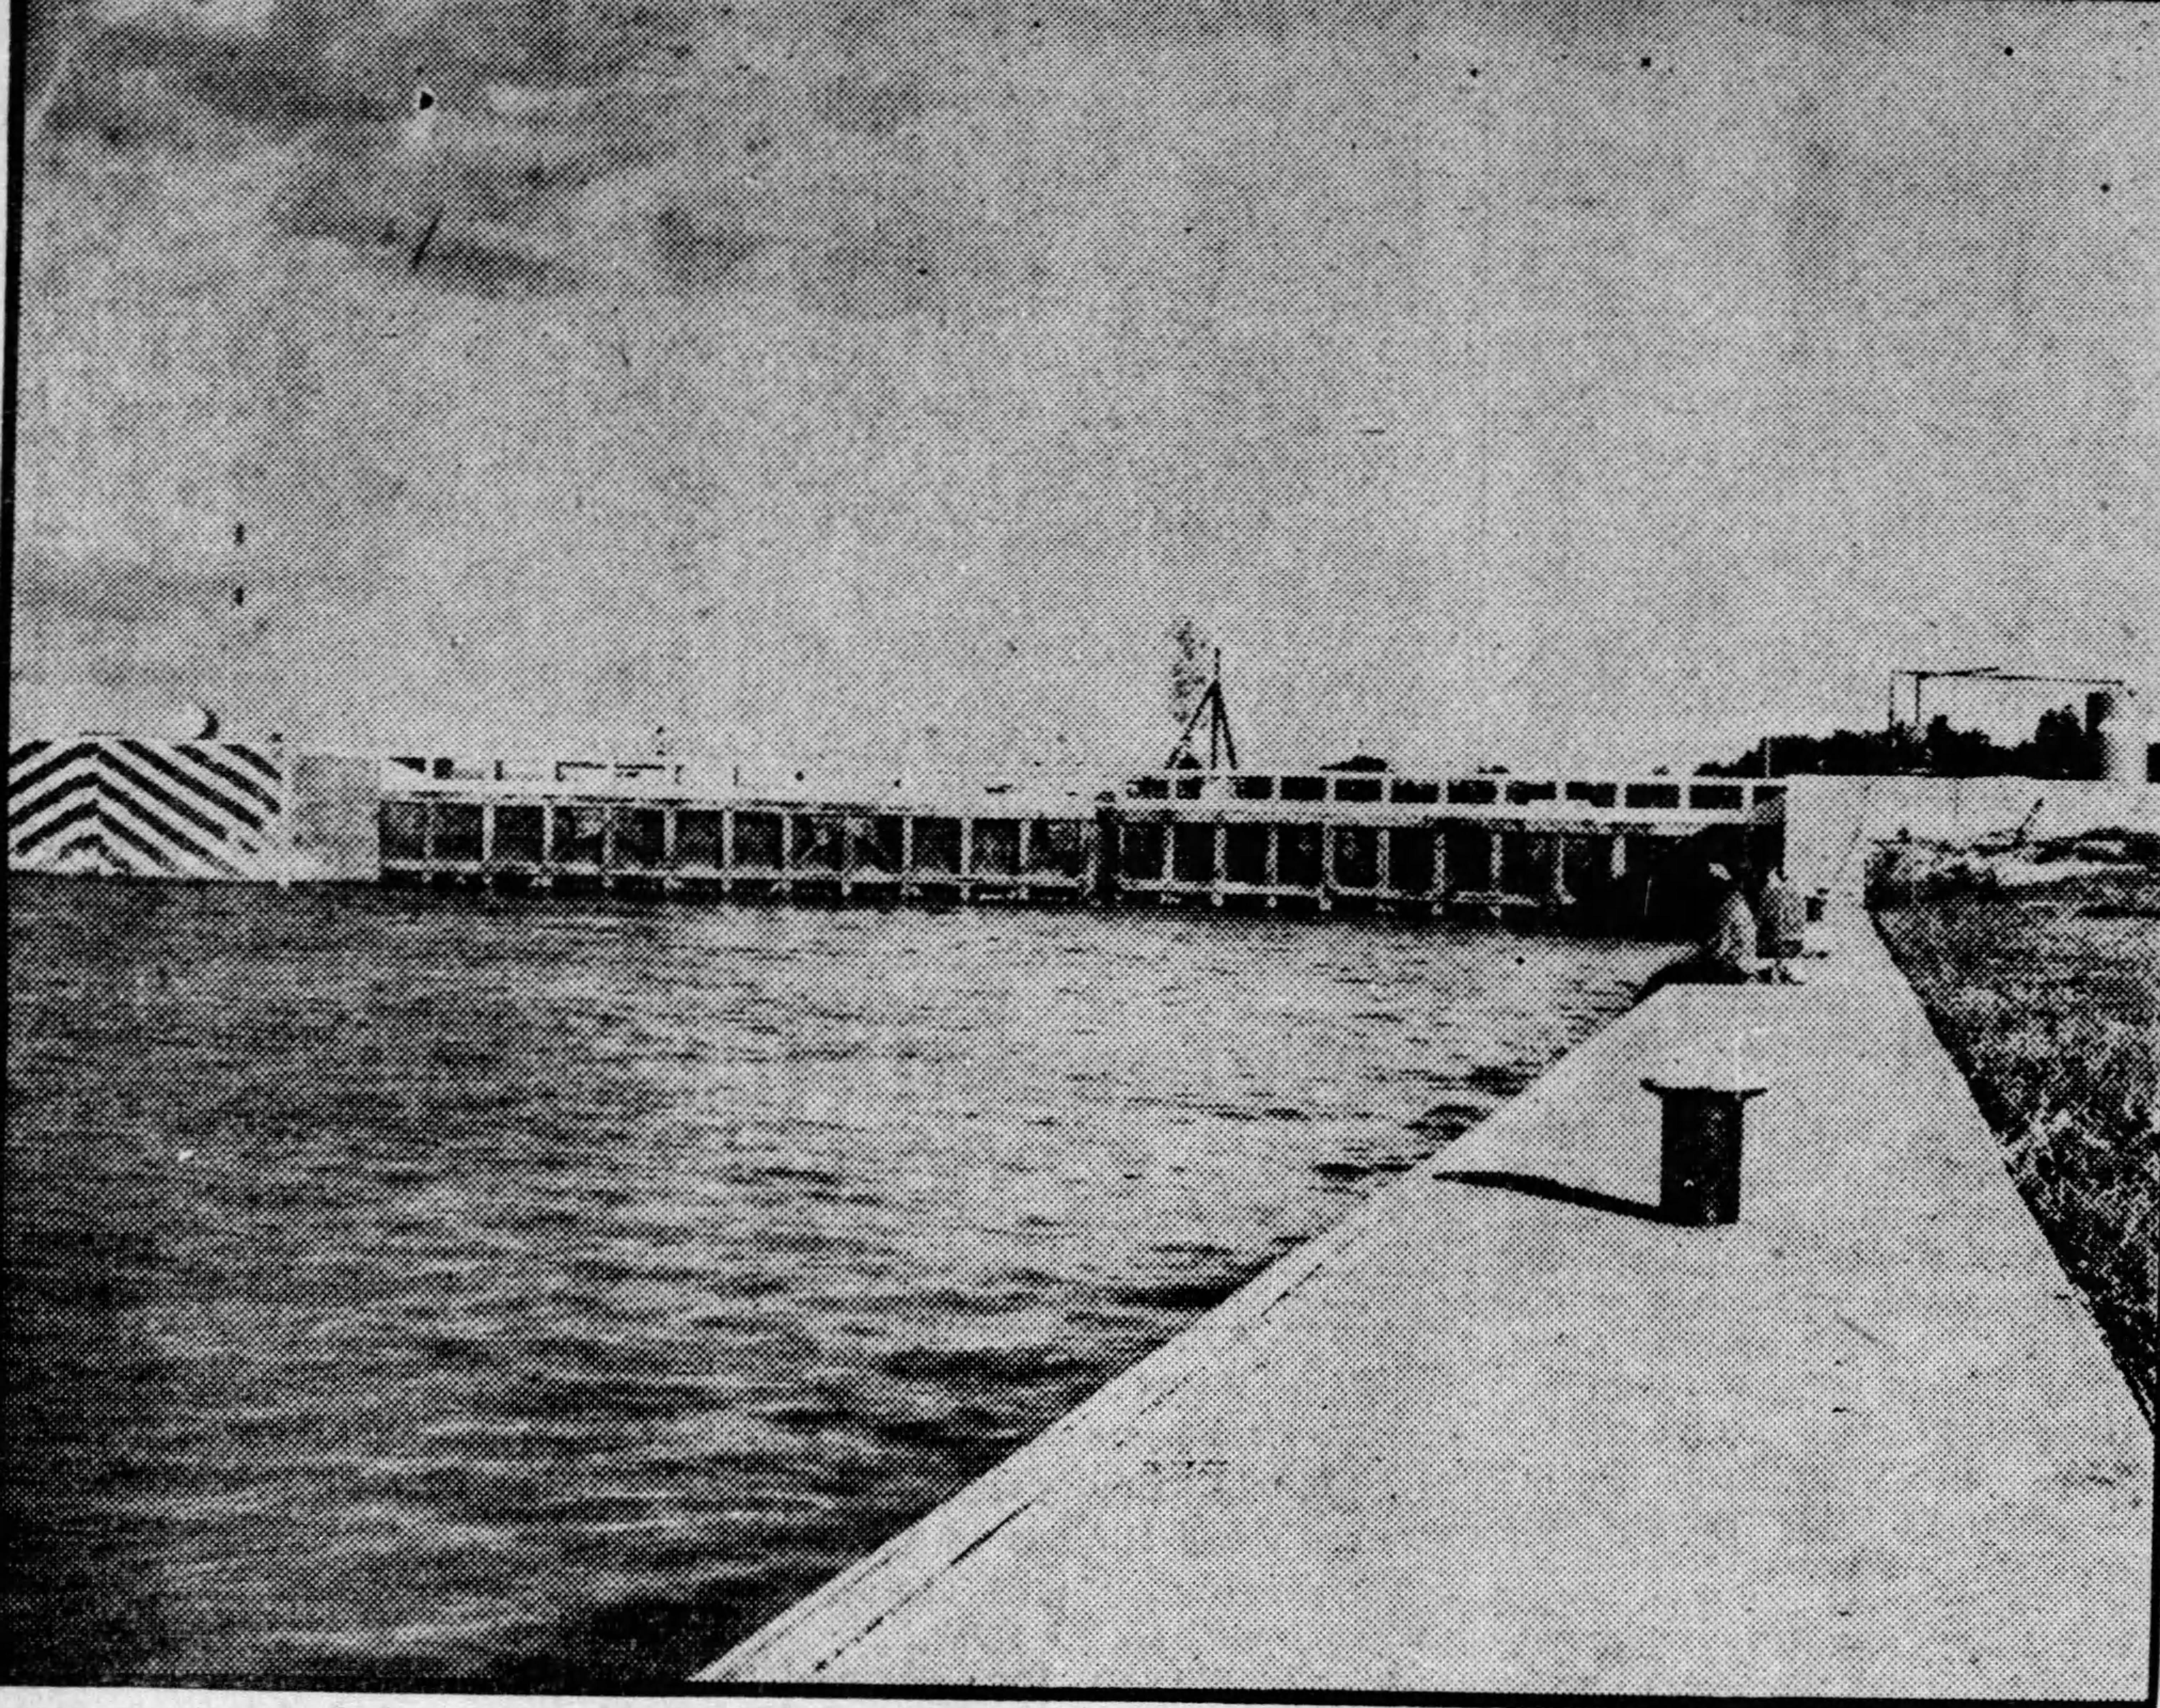 Closed gates at Lock & Dam 46, 1937